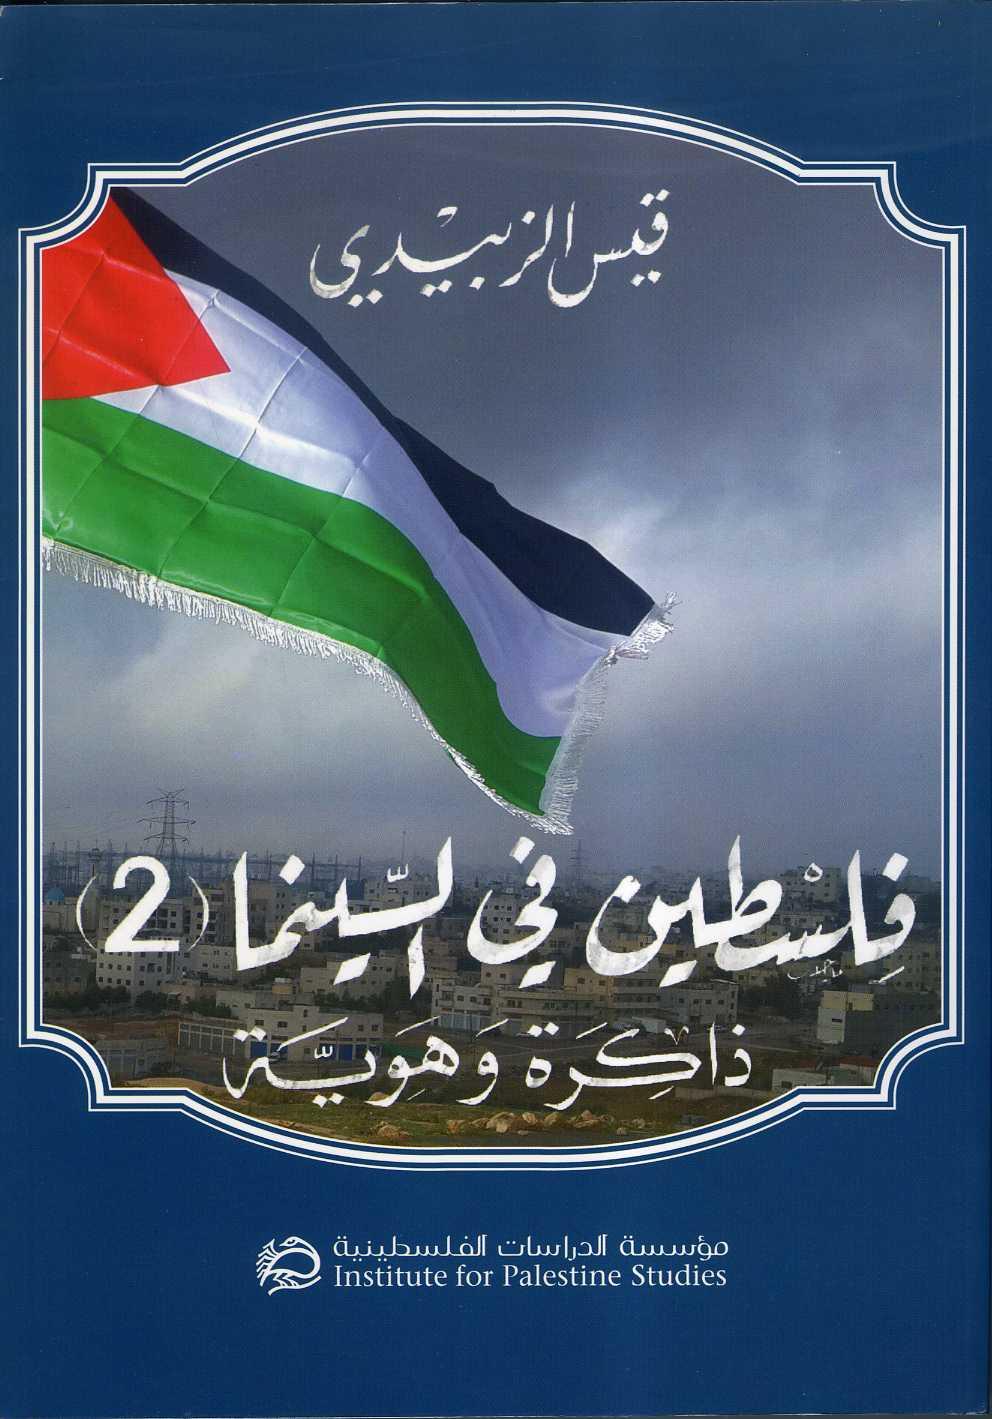 كتاب: فلسطين في السينما (2): ذاكرة وهوية